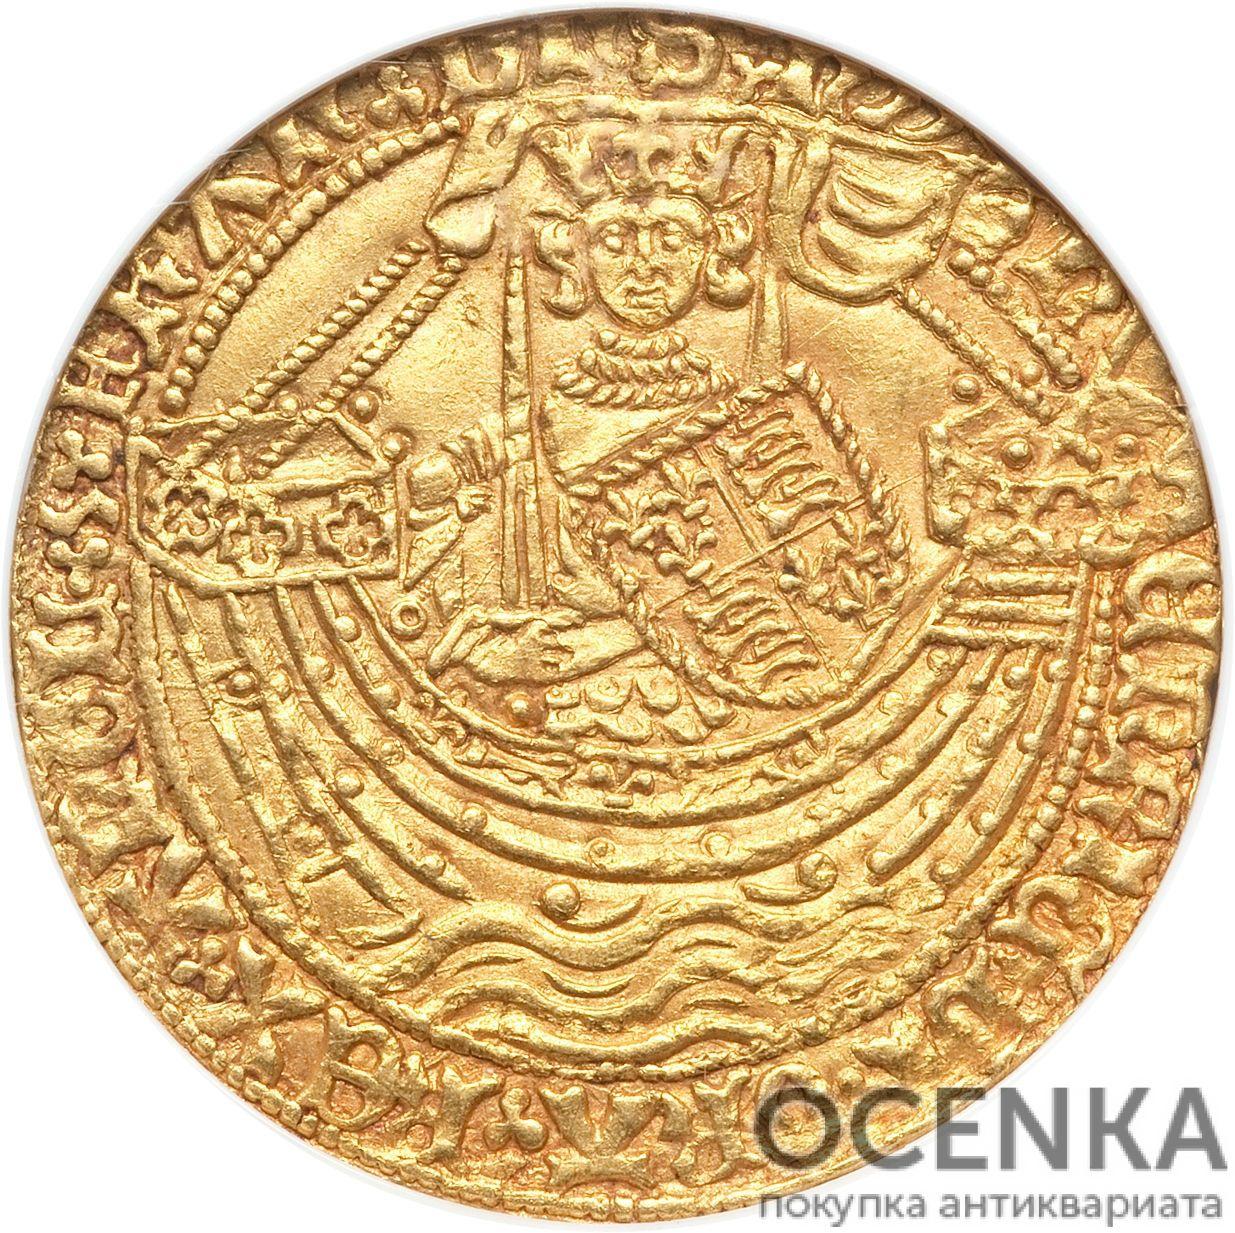 Золотая монета 1 Noble (нобль) Великобритания - 8